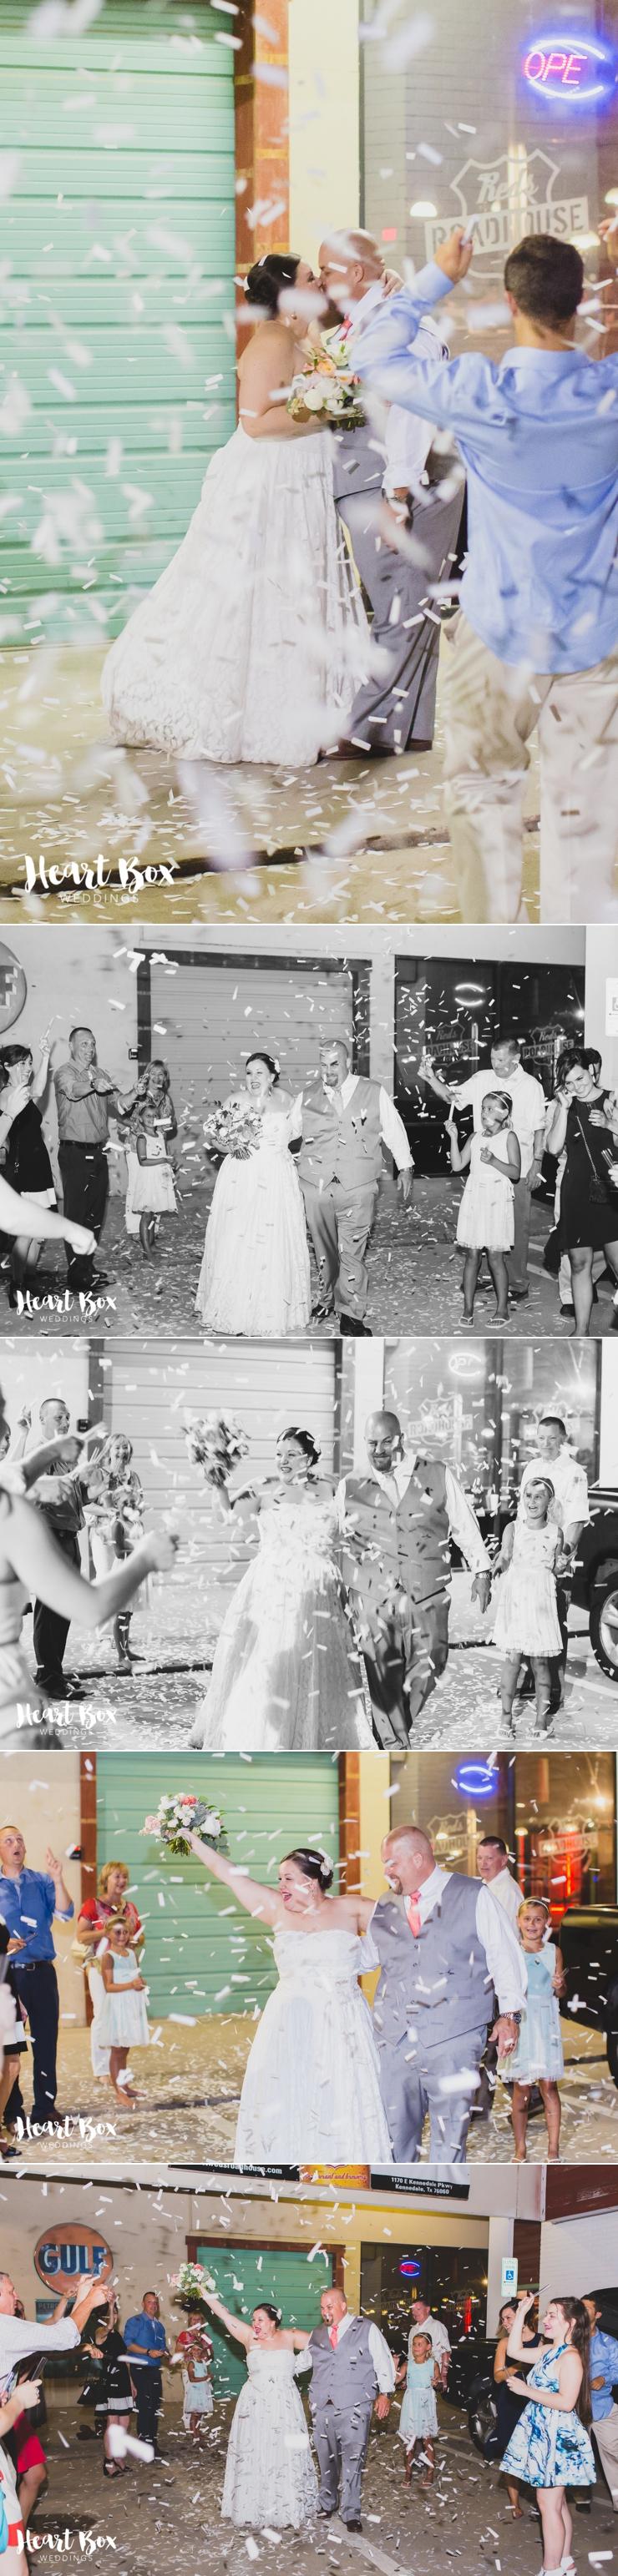 Turner Wedding Blog Collages 20.jpg